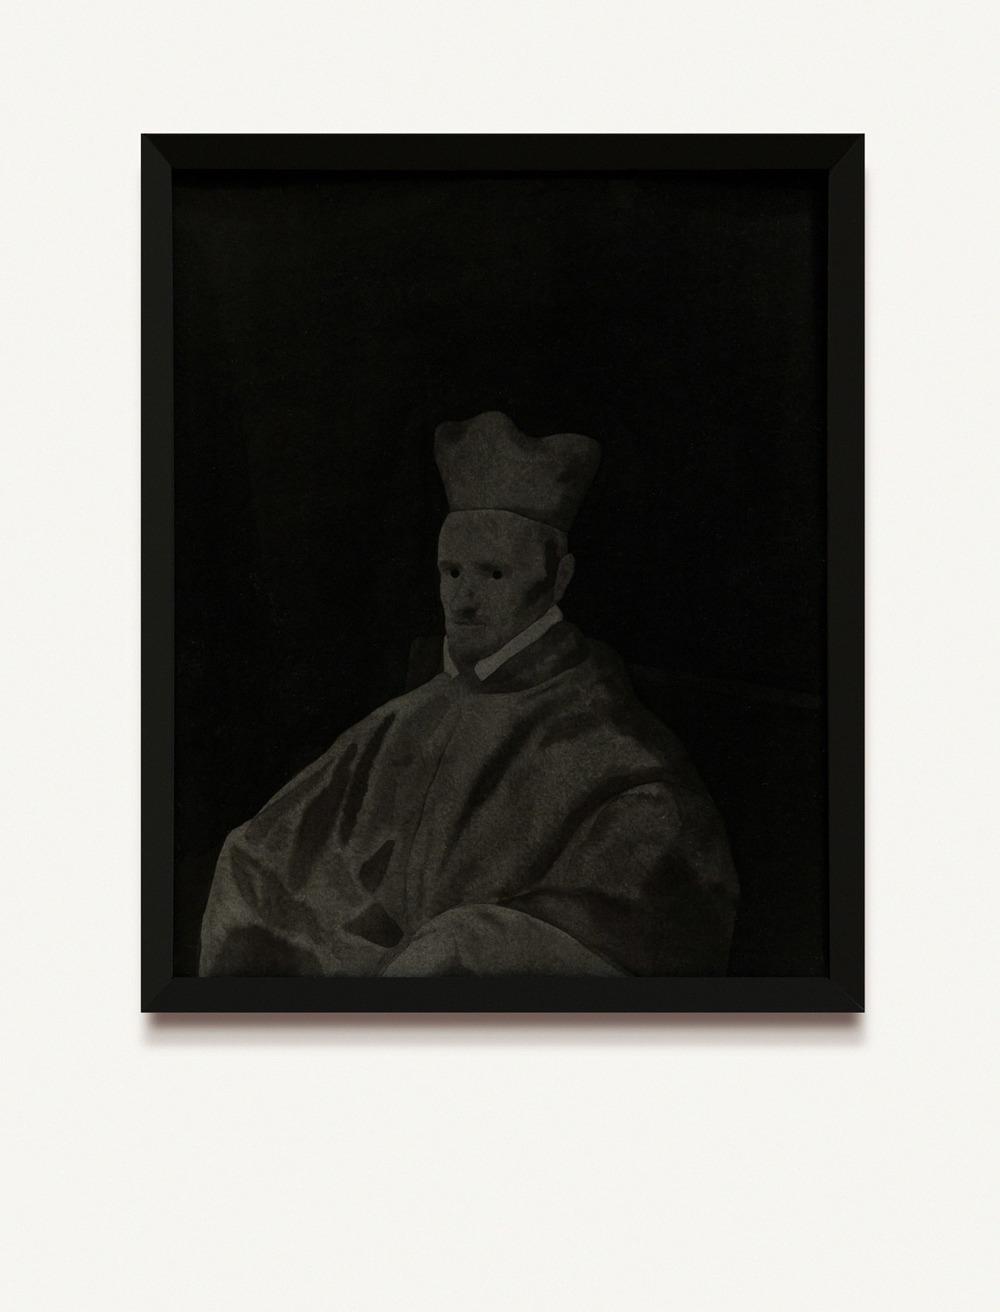 Retratos perdidos. Velázquez, Retrato del Cardenal Gaspar de Borja y Velasco, c. 1643-45. 2015